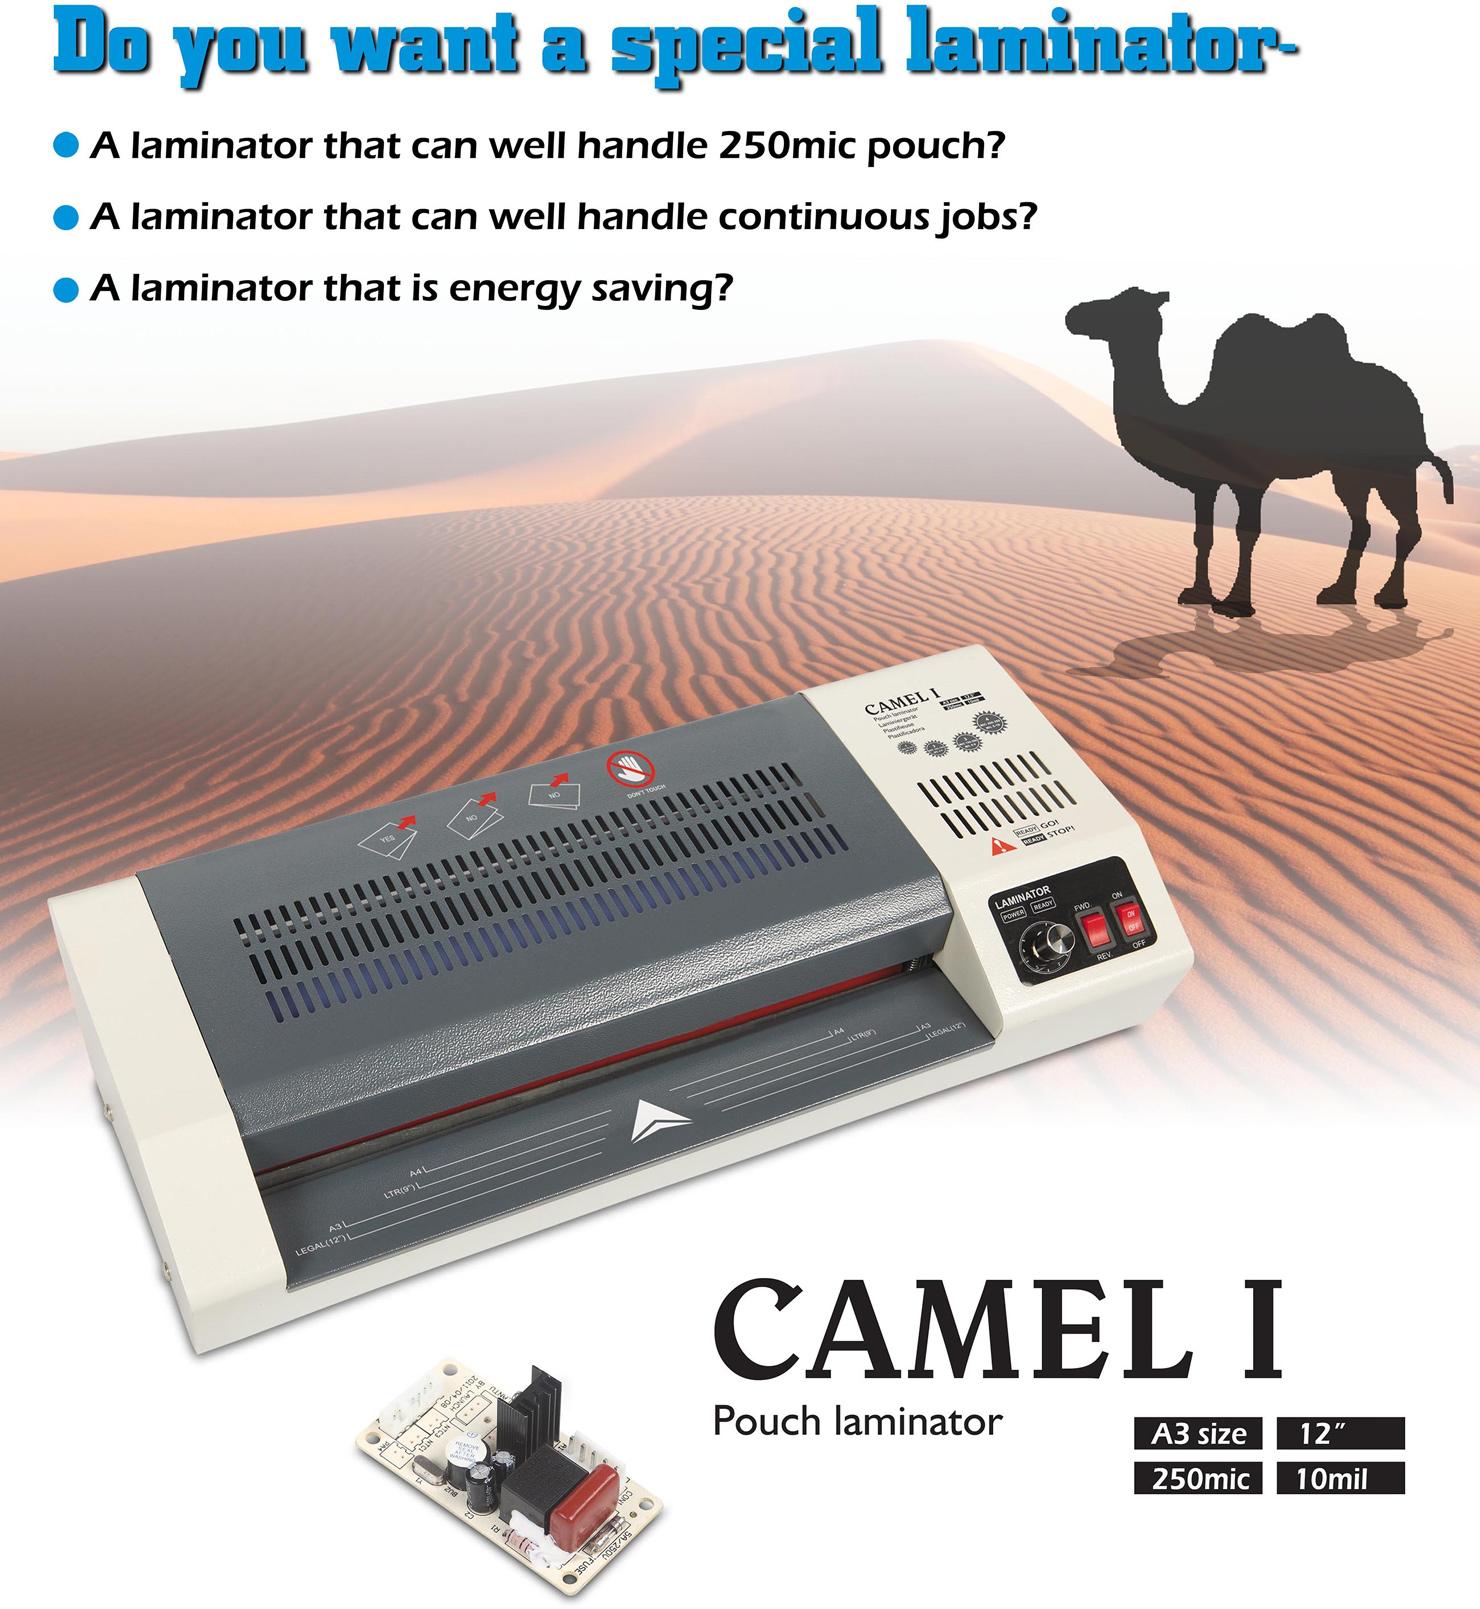 Ламинатор A3 CAMEL 1, плотность пленки 250мкм. D&Art - фото 4